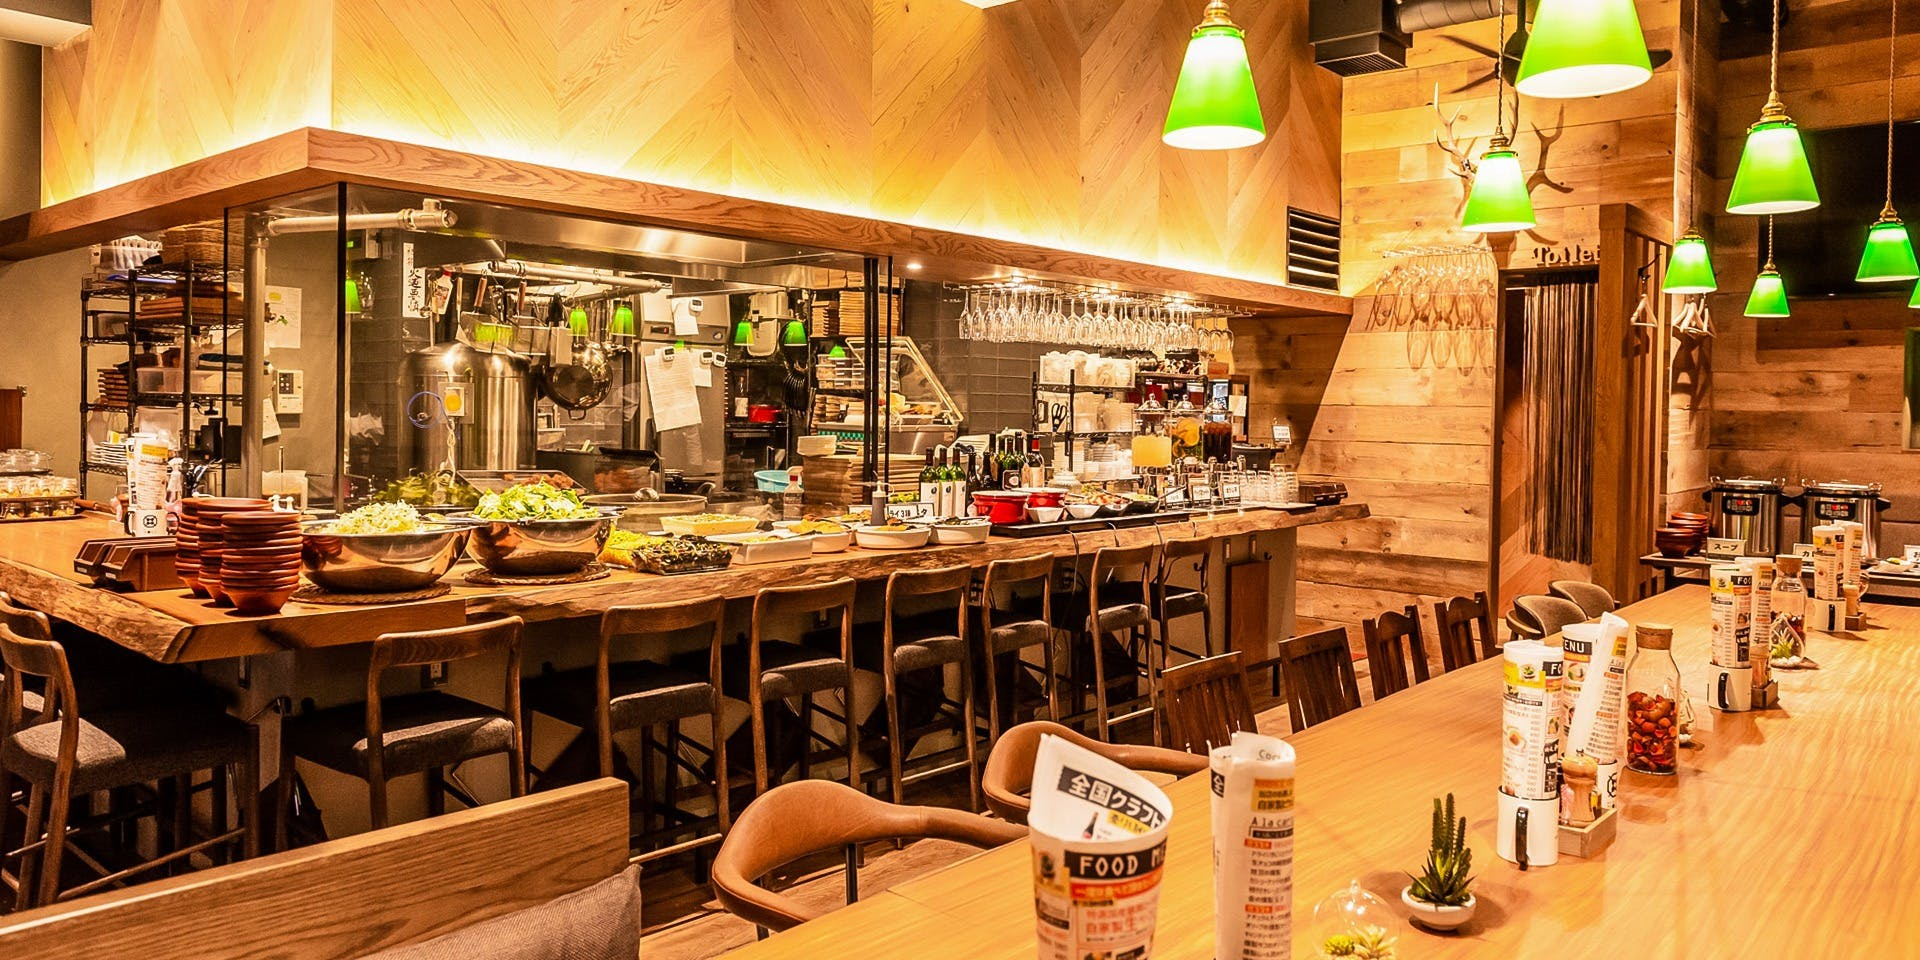 記念日におすすめのレストラン・燻製 鉄板焼 クラフトビール MOKU 新橋店の写真1